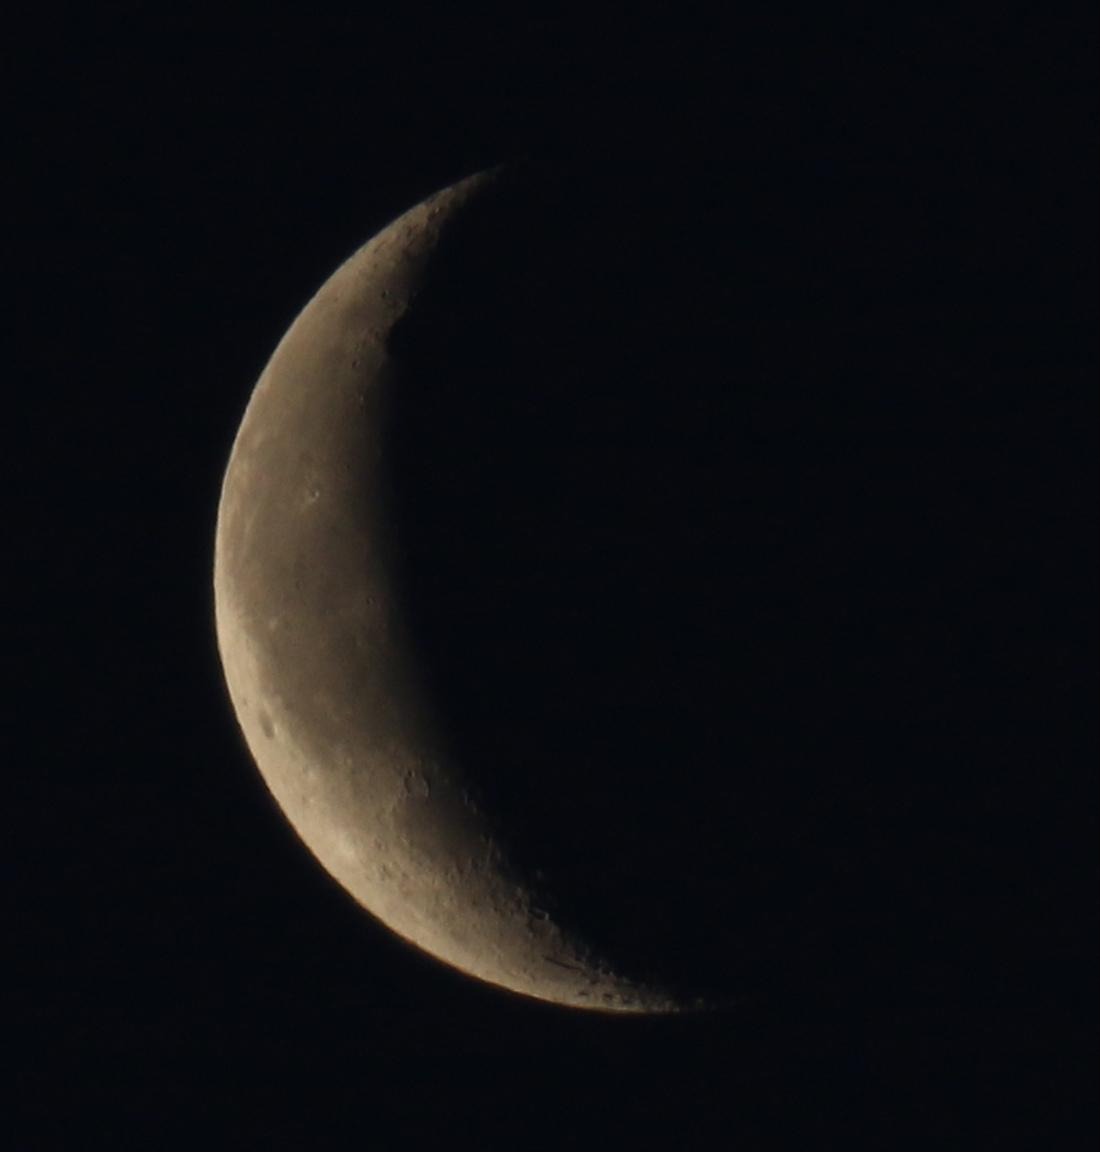 la lune le 31/03/2019 (62319 + Copie)